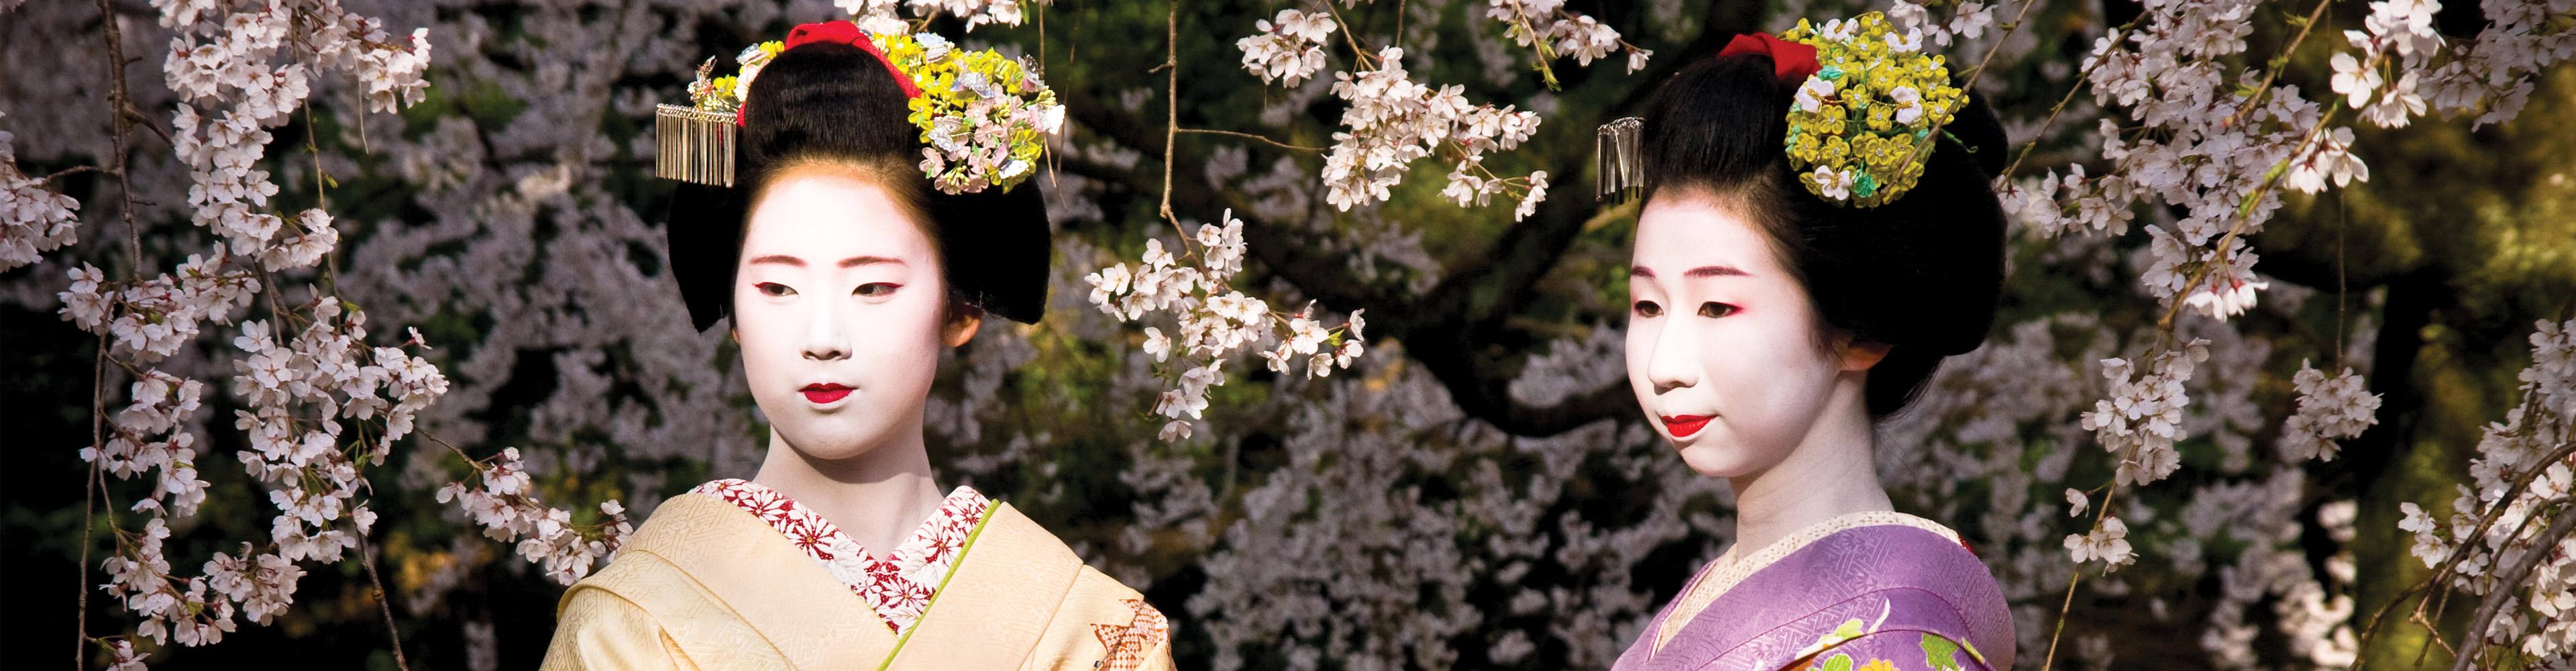 Japan Highlights I Intrepid Travel